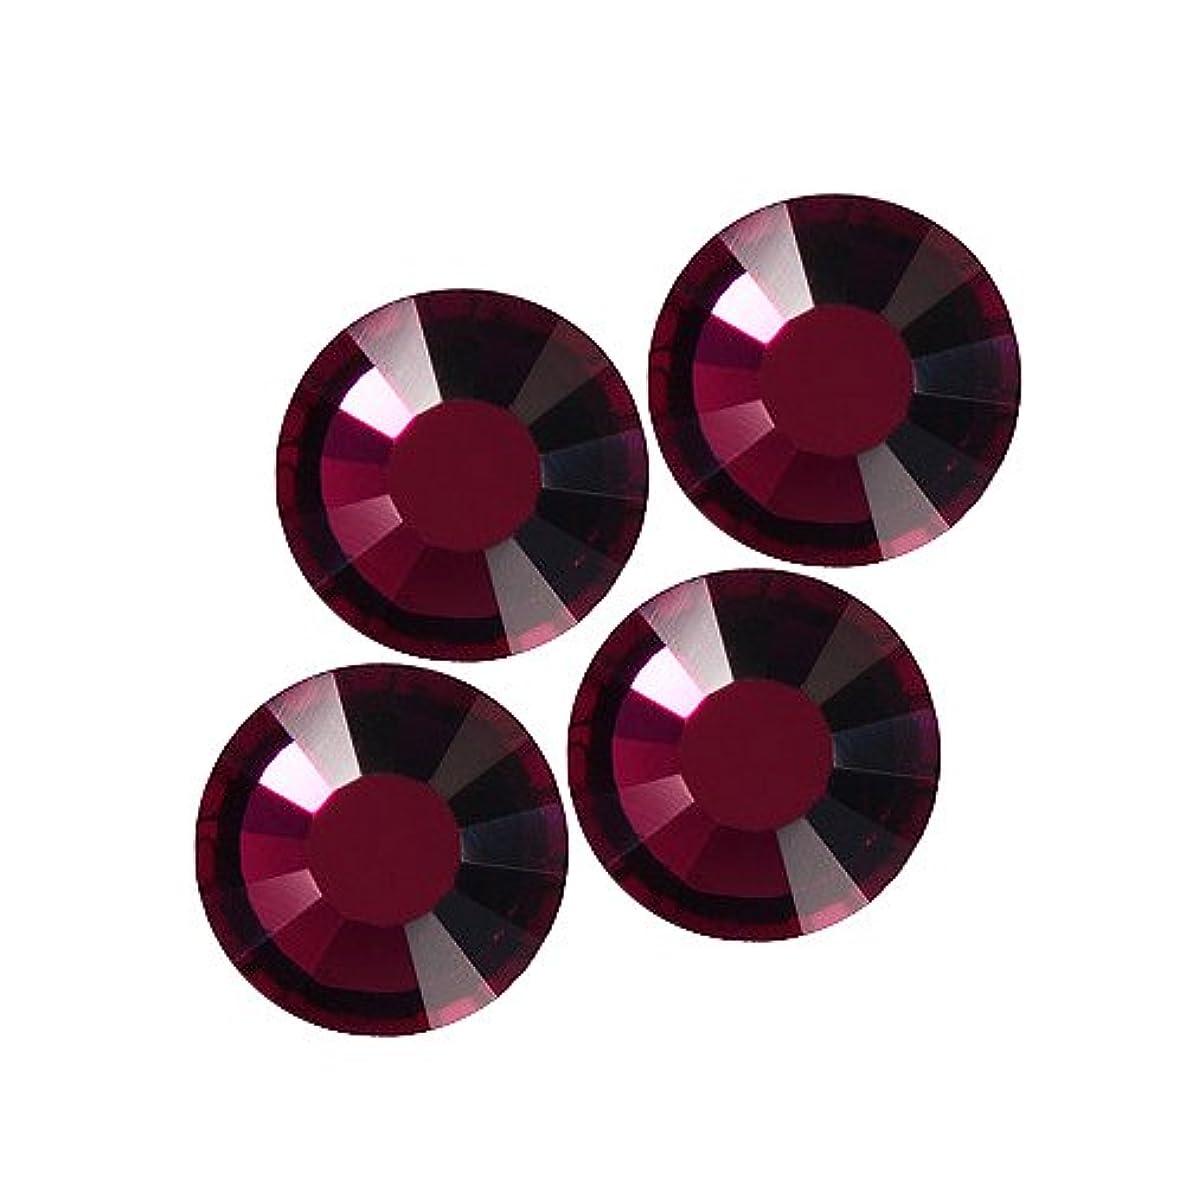 扱う平凡ゆりバイナル DIAMOND RHINESTONE アメジストSS30 360粒 ST-SS30-AME-5GH